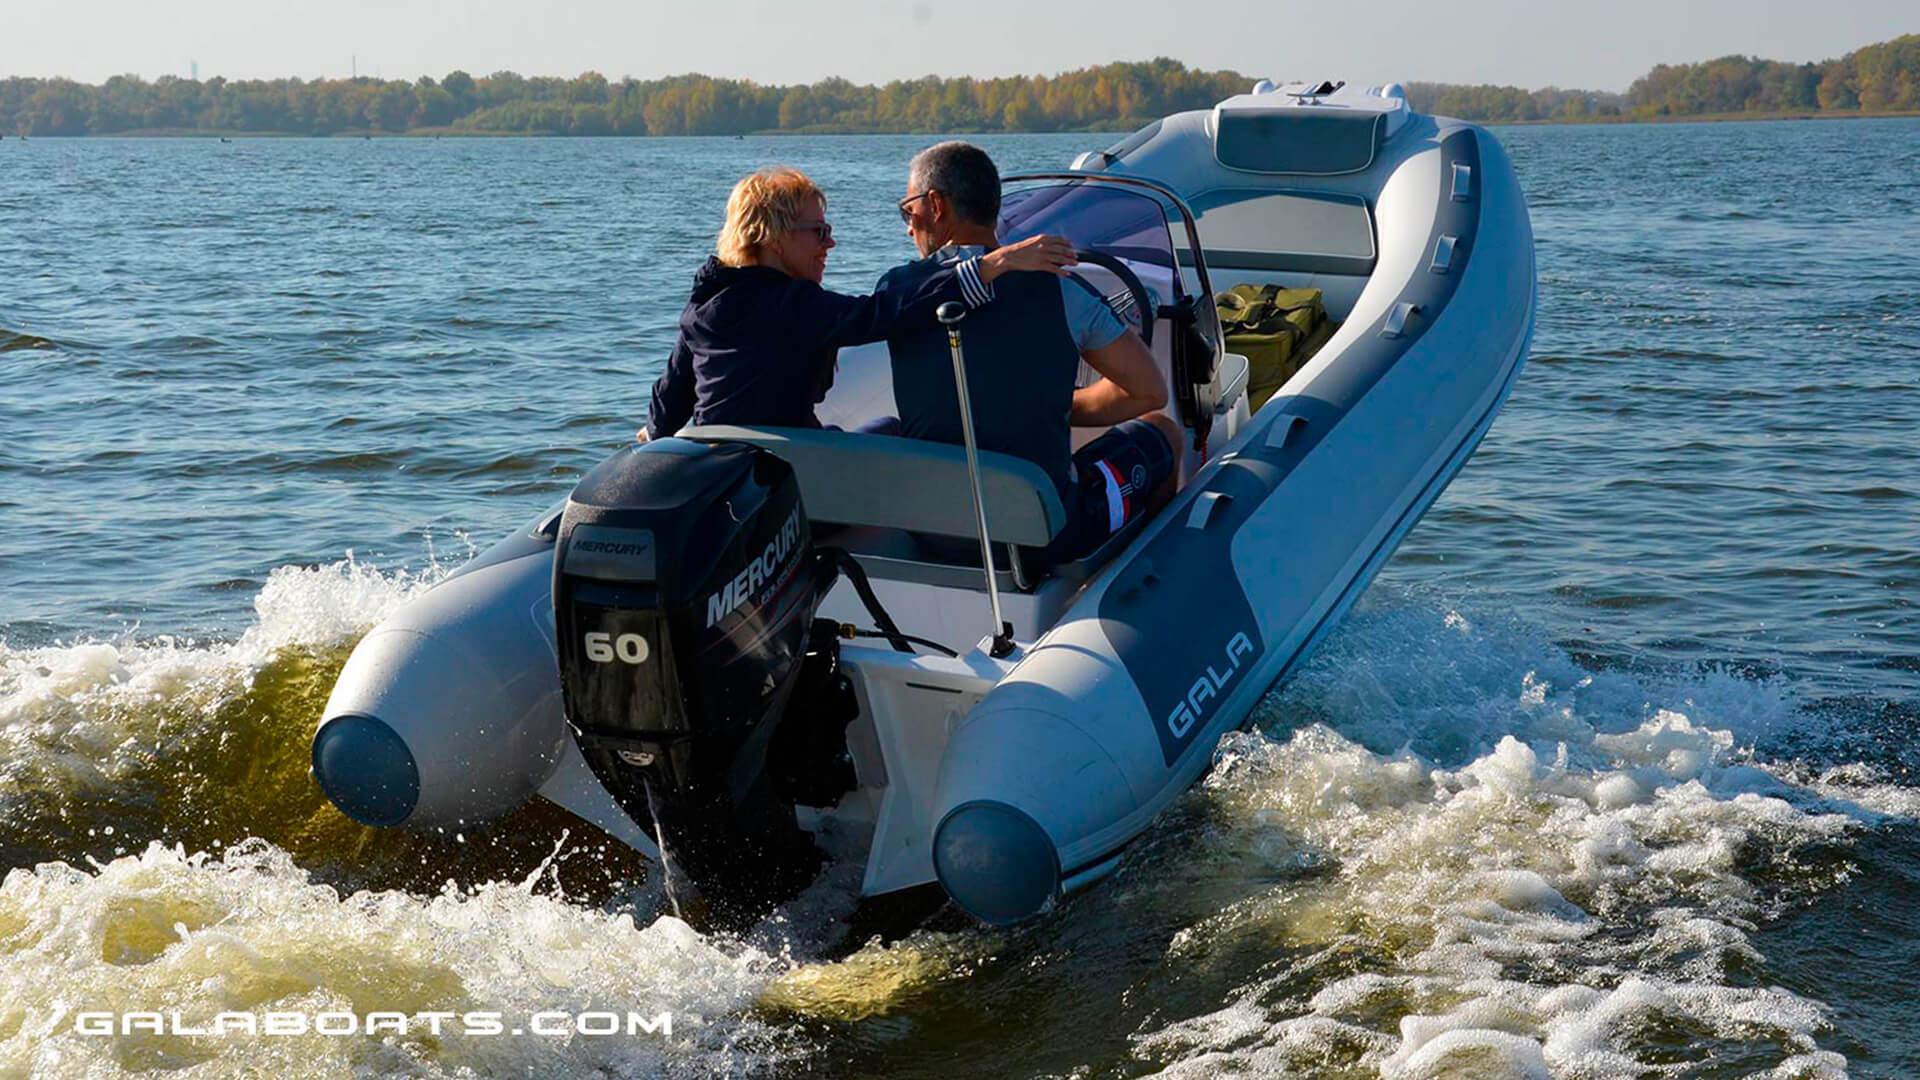 Надувная лодка с жестким алюминиевым дном GALA Atlantis A400L, Надувная лодка с жестким дном GALA Atlantis A400L, Надувная лодка с жестким дном GALA A400L, Надувная лодка GALA A400L, Надувная лодка GALA A400L, GALA A400L, лодка с жестким дном, алюминиевый риб, алюминиевый RIB, RIB, тендерная лодка, тендер для яхты